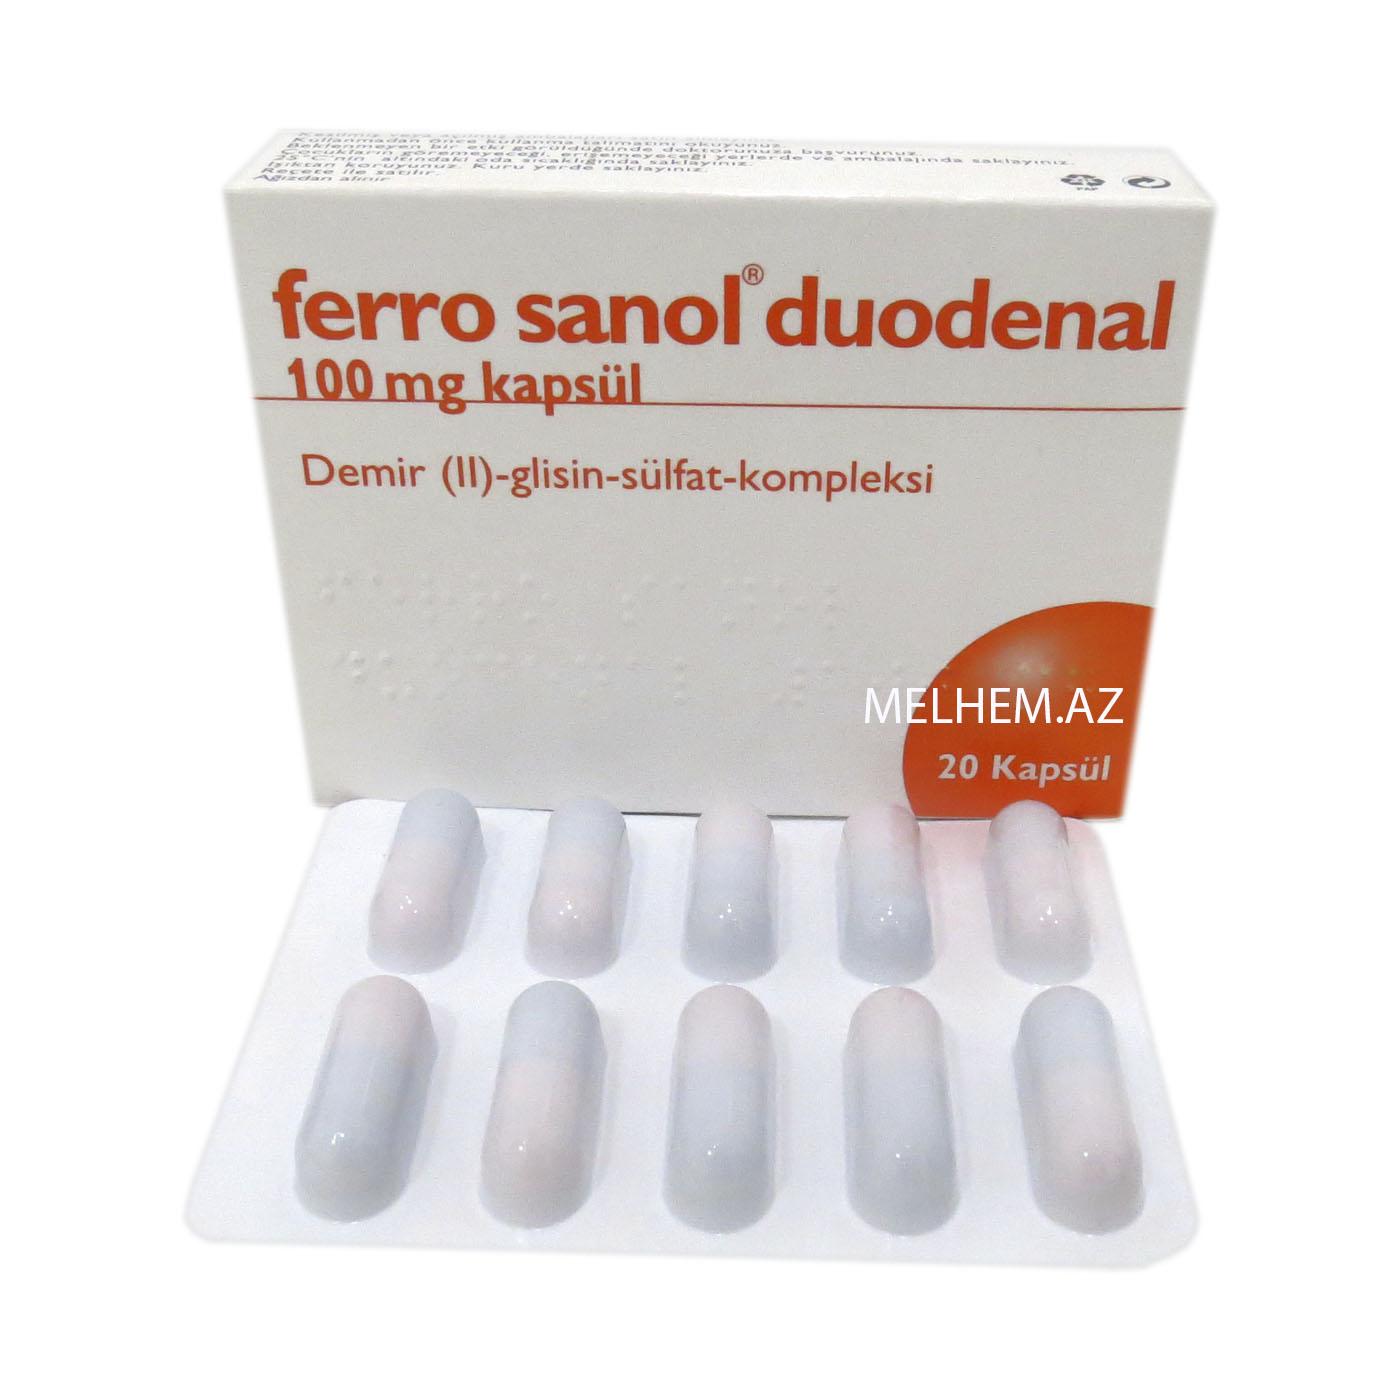 FERRO SANOL DUODENAL 100 MG